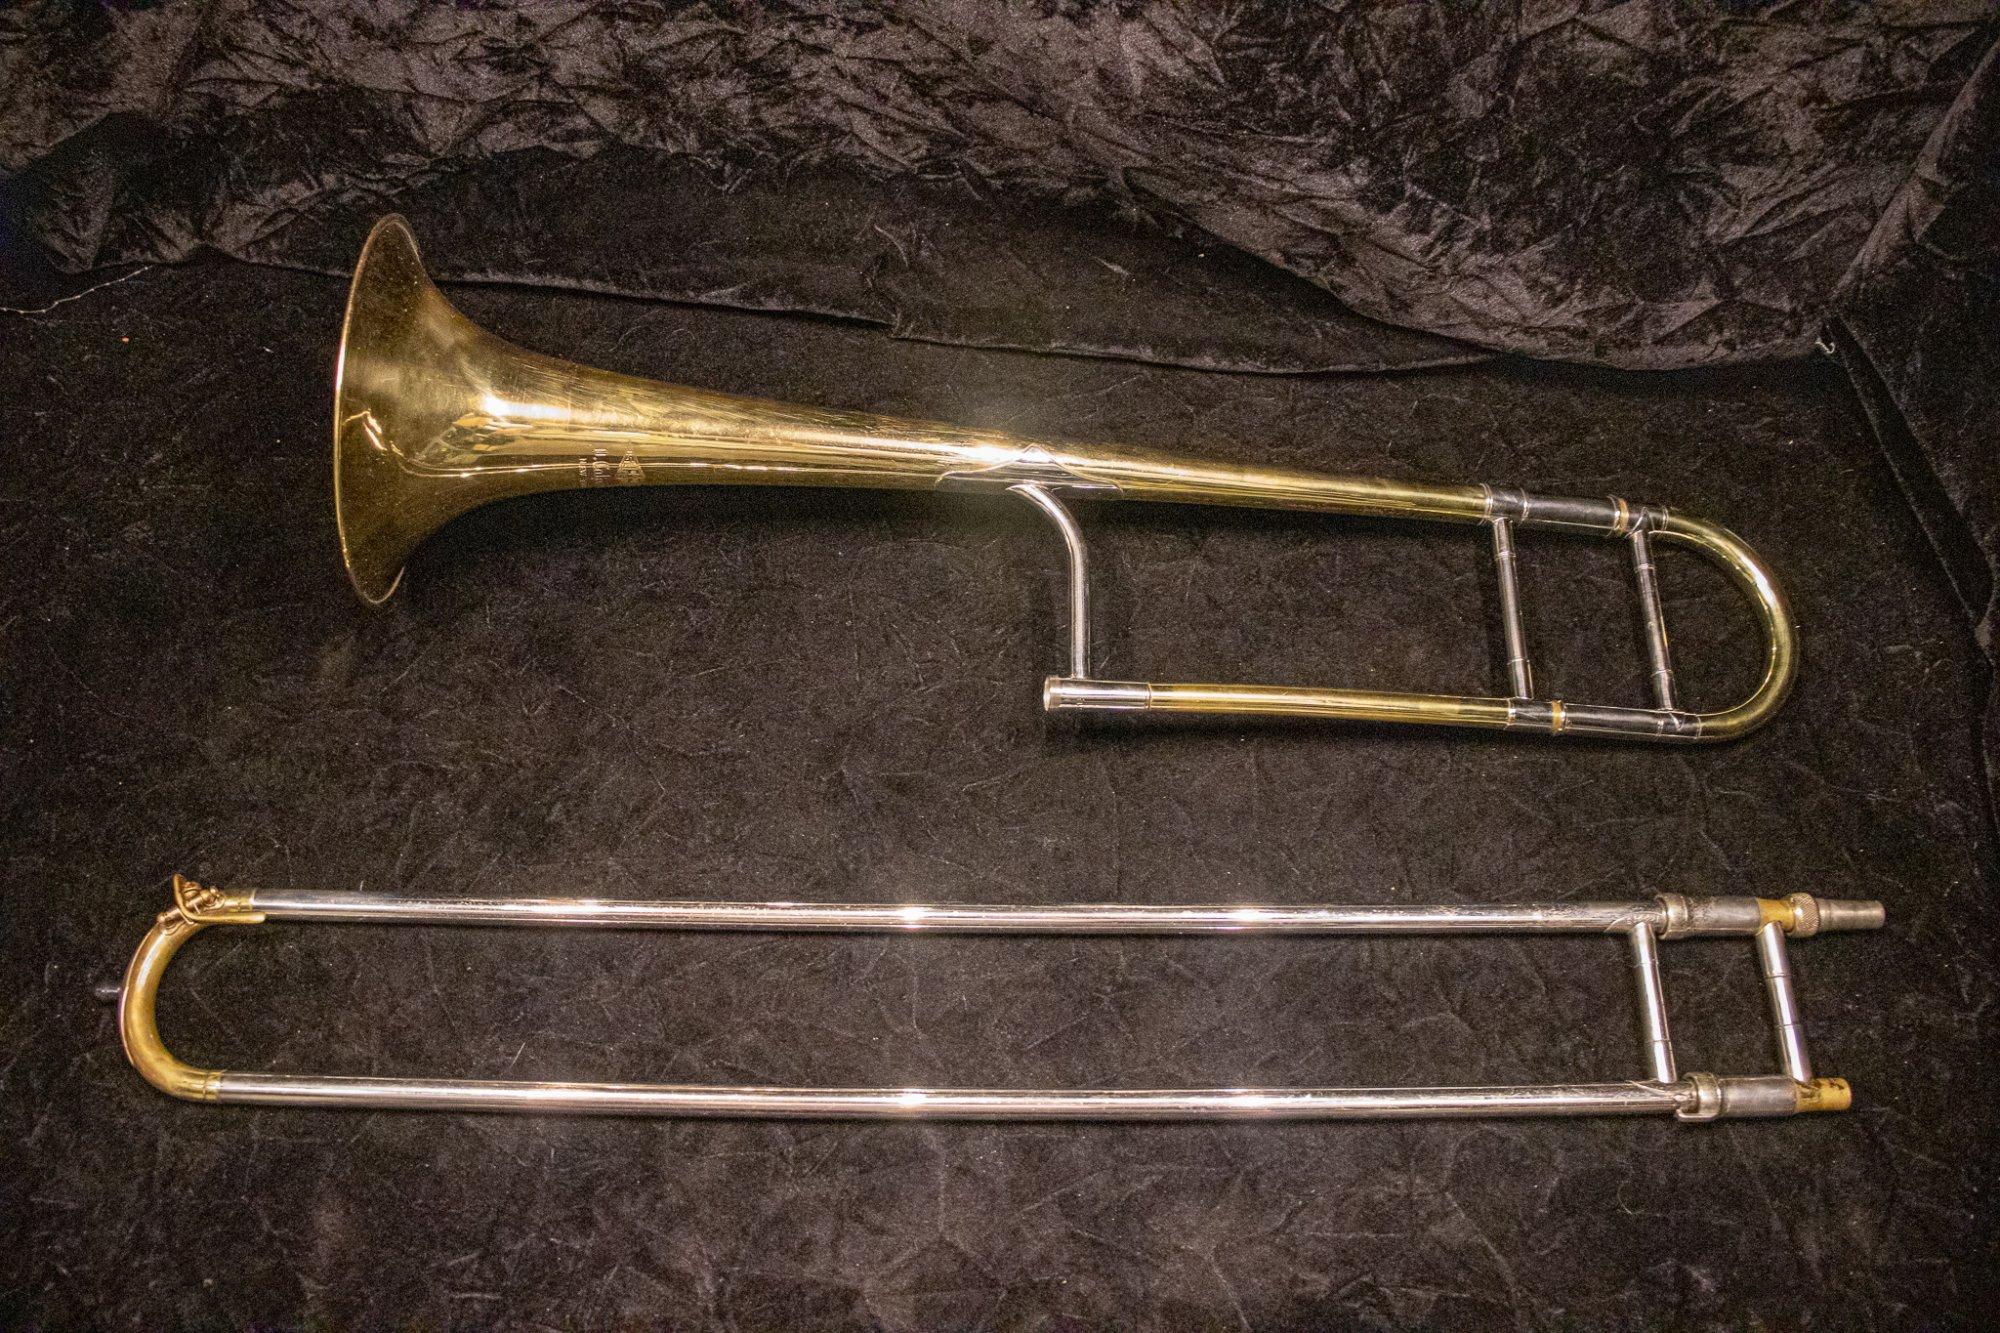 Calicchio Superior Trombone - 1930's Vintage